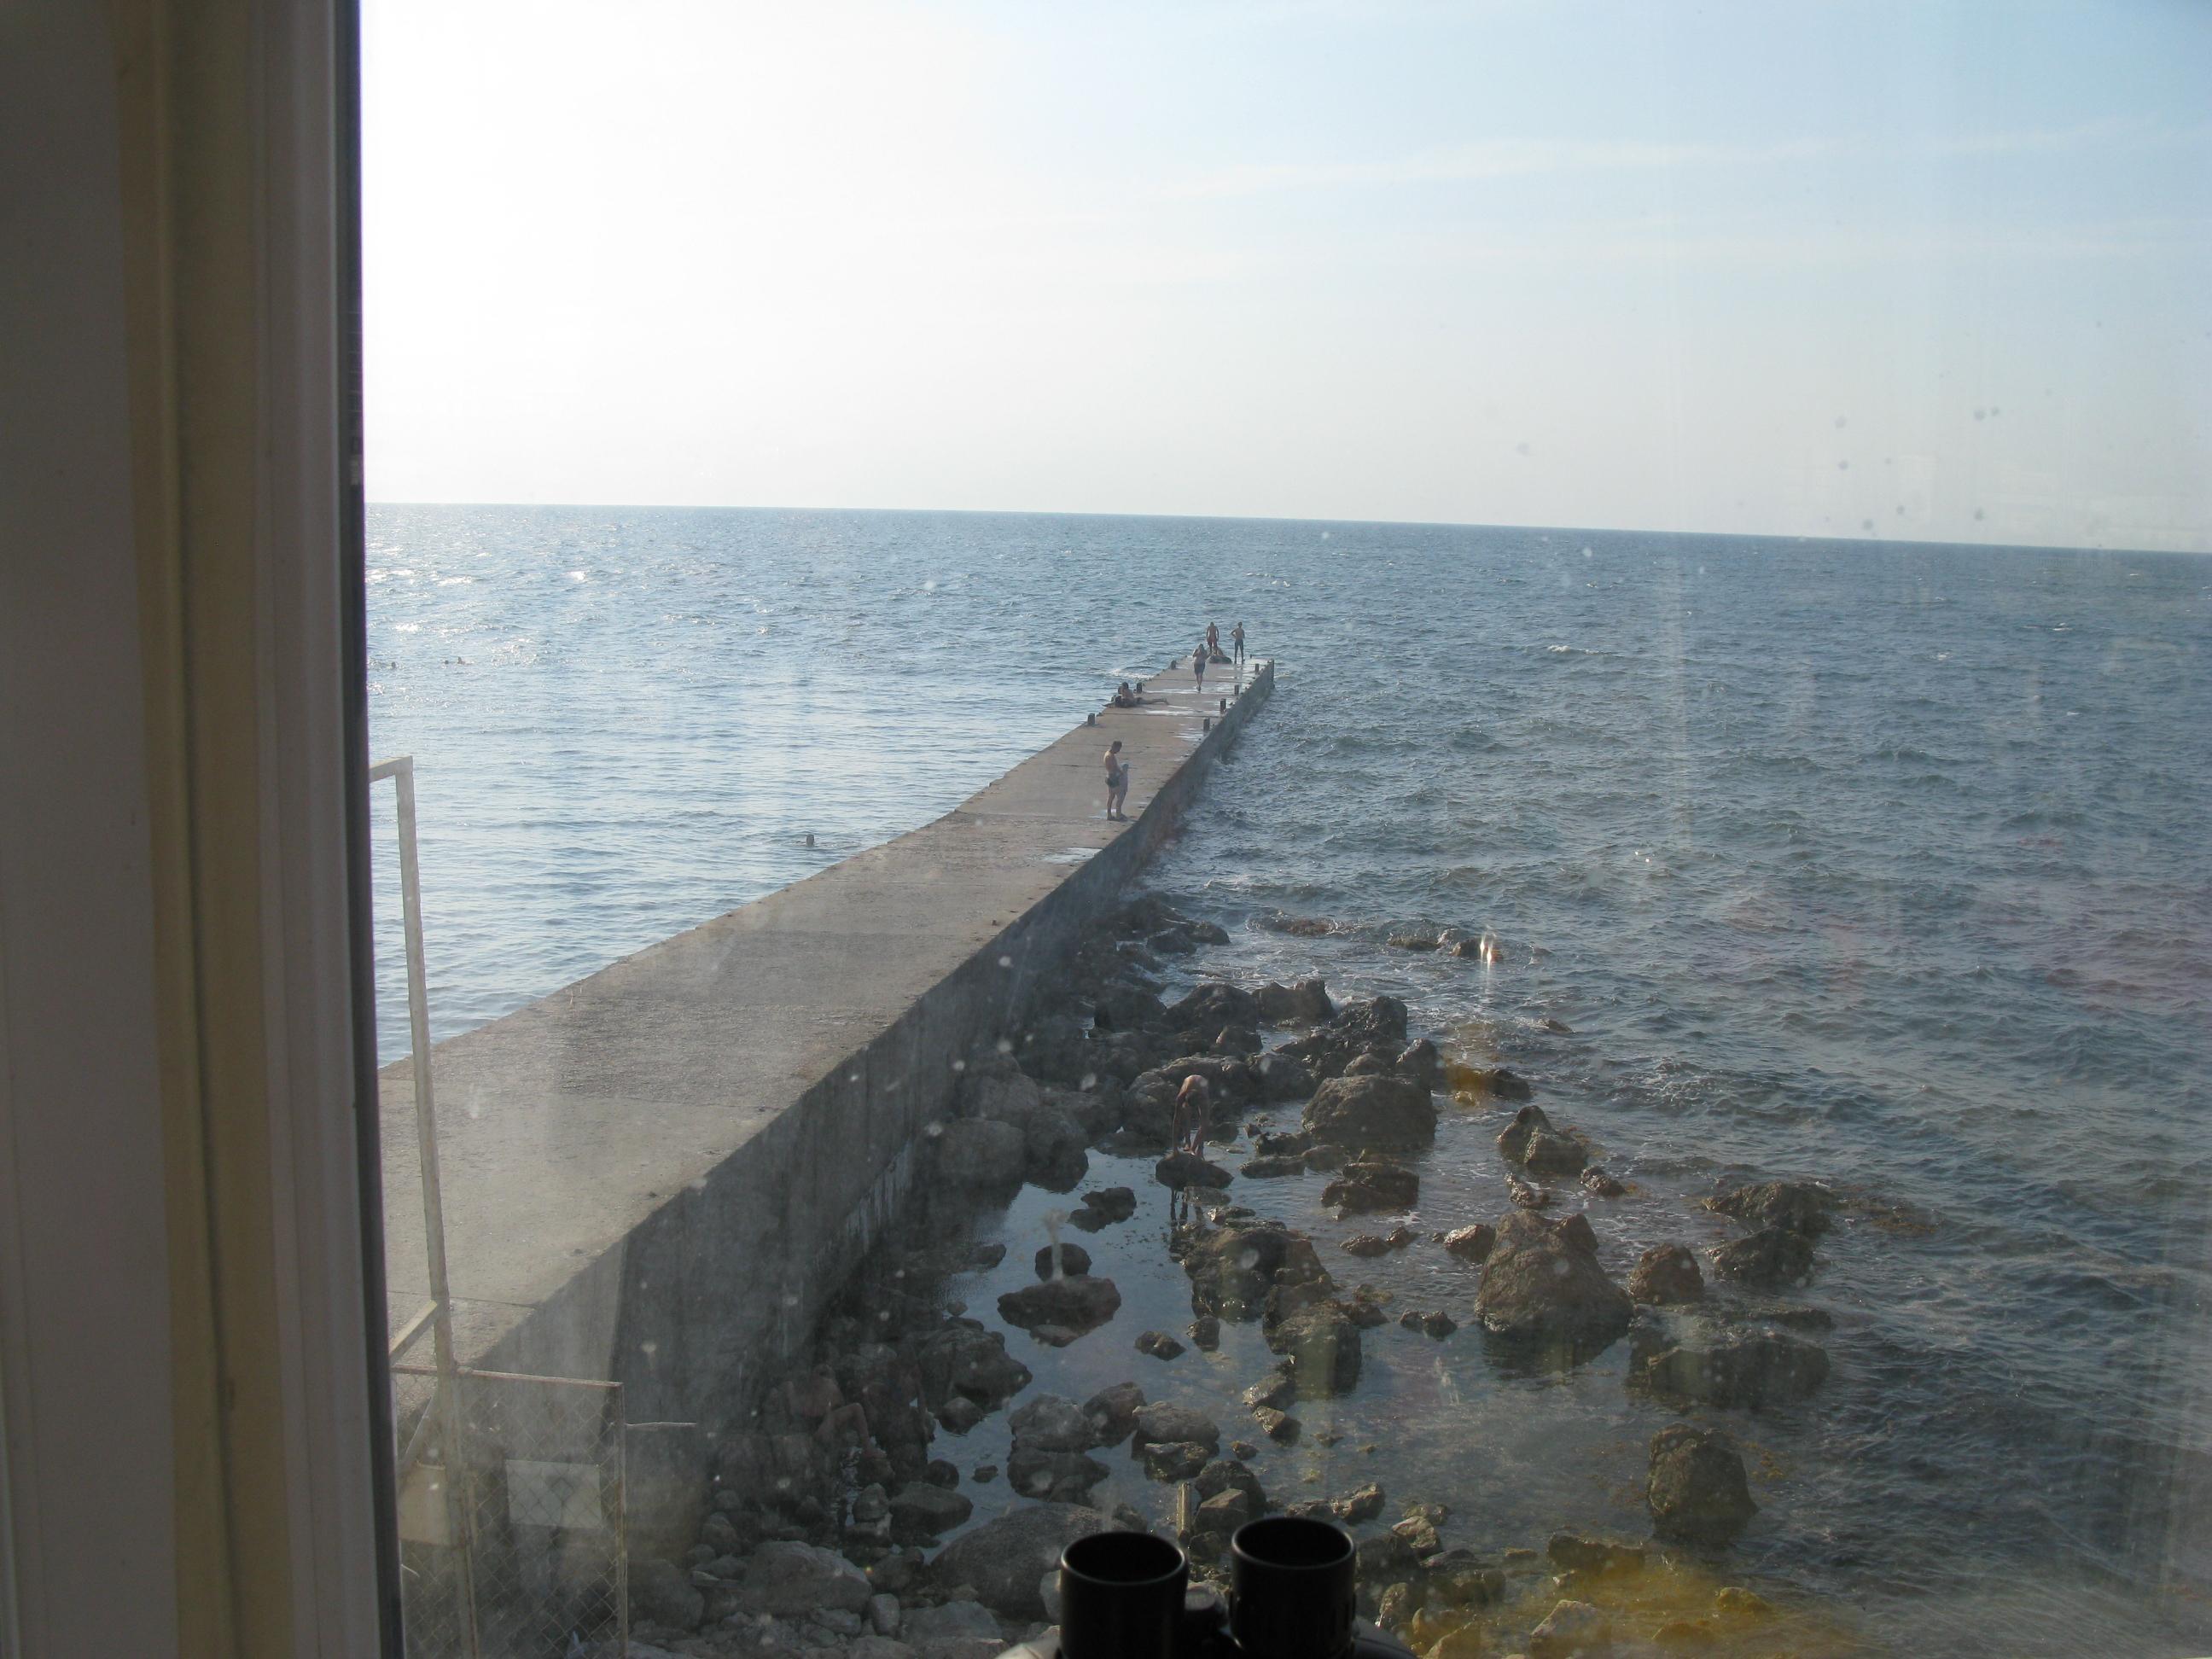 В Крыму чуть не утонул пьяный мужчина, выкрикивавший бандеровское приветствие